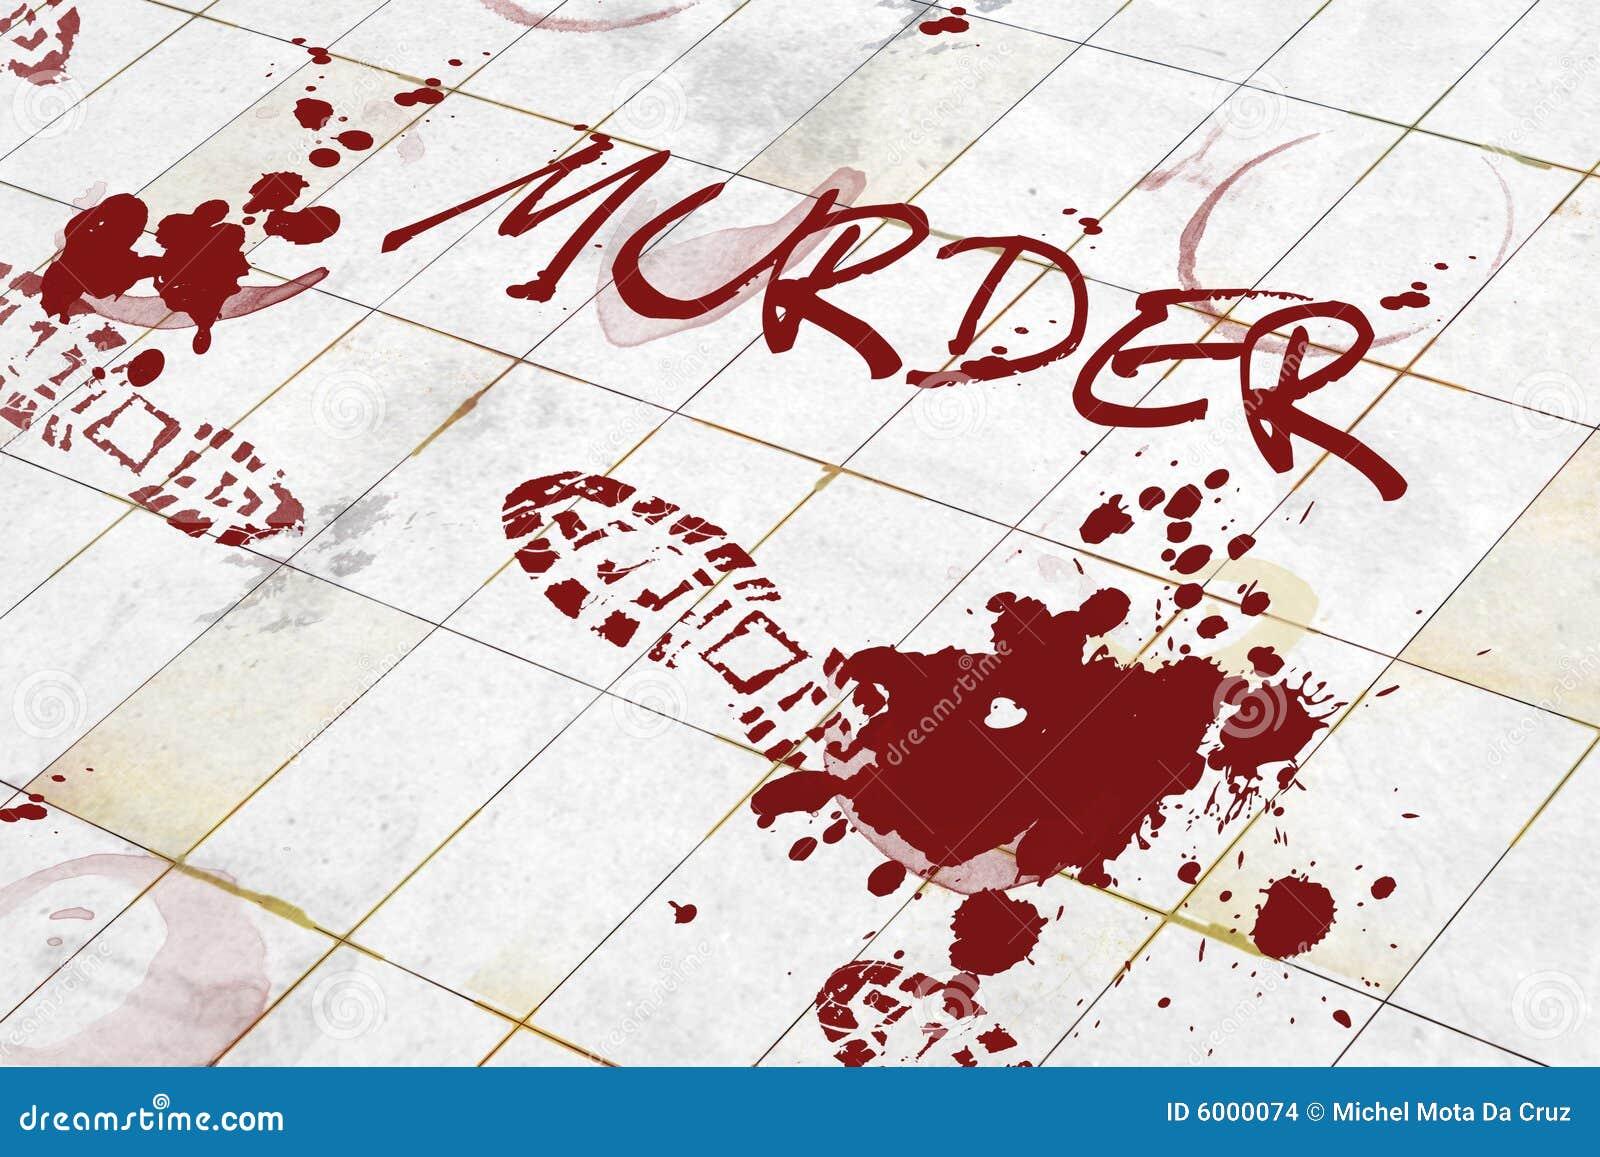 murder stock images image 6000074 clip art gun clip art guns free